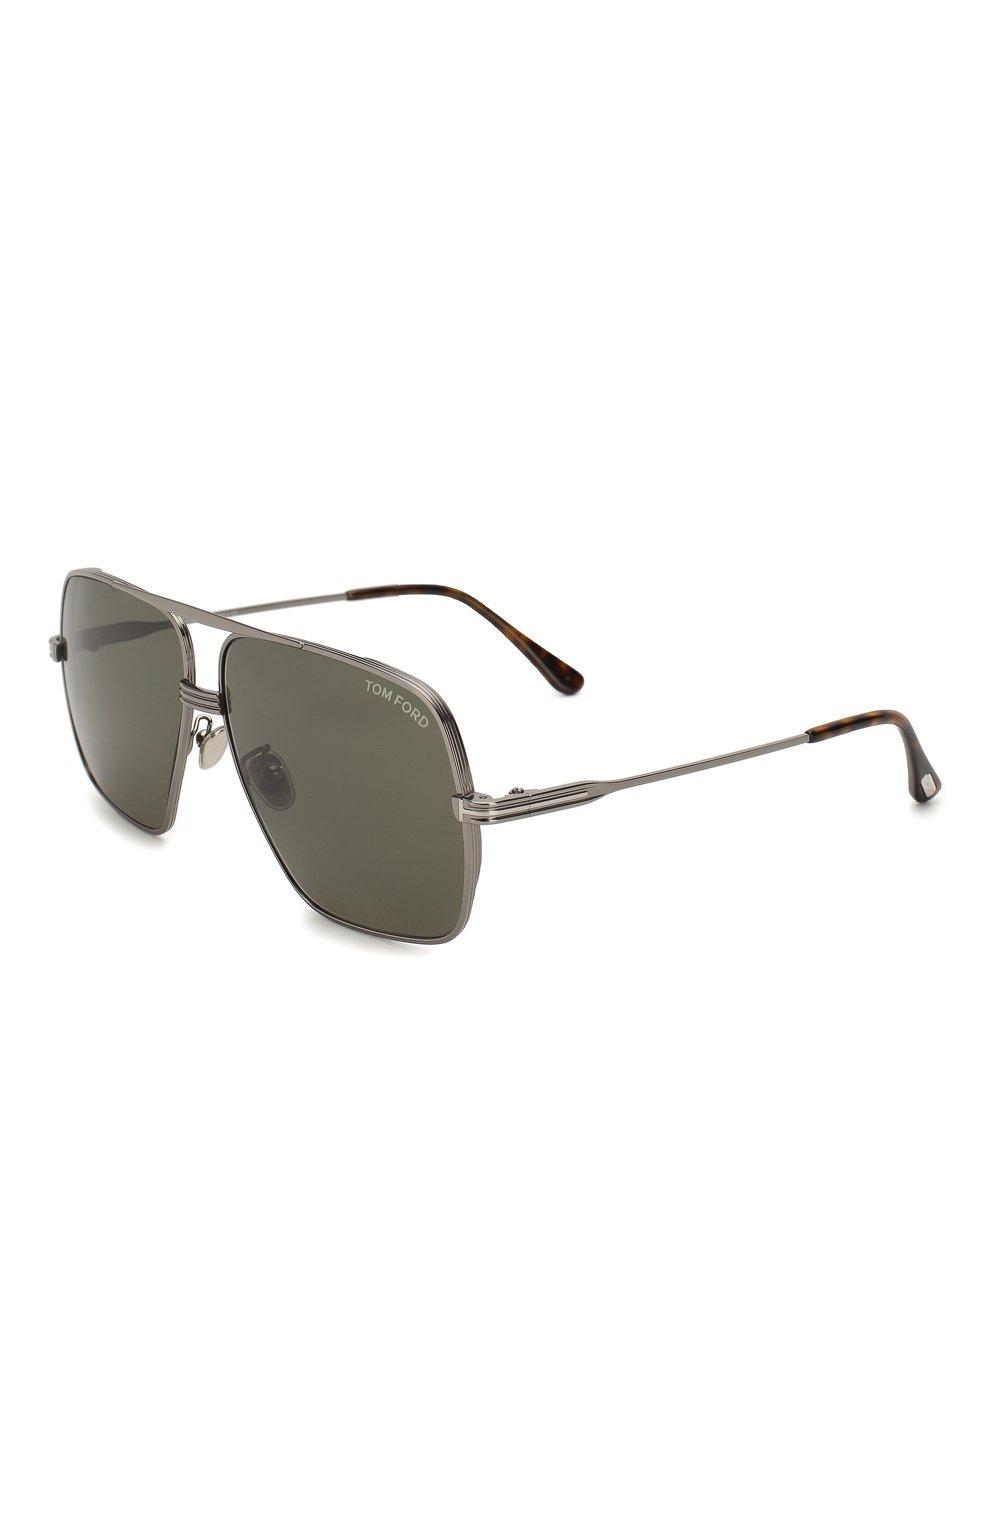 Мужские солнцезащитные очки TOM FORD темно-серого цвета, арт. TF735-H 12N | Фото 1